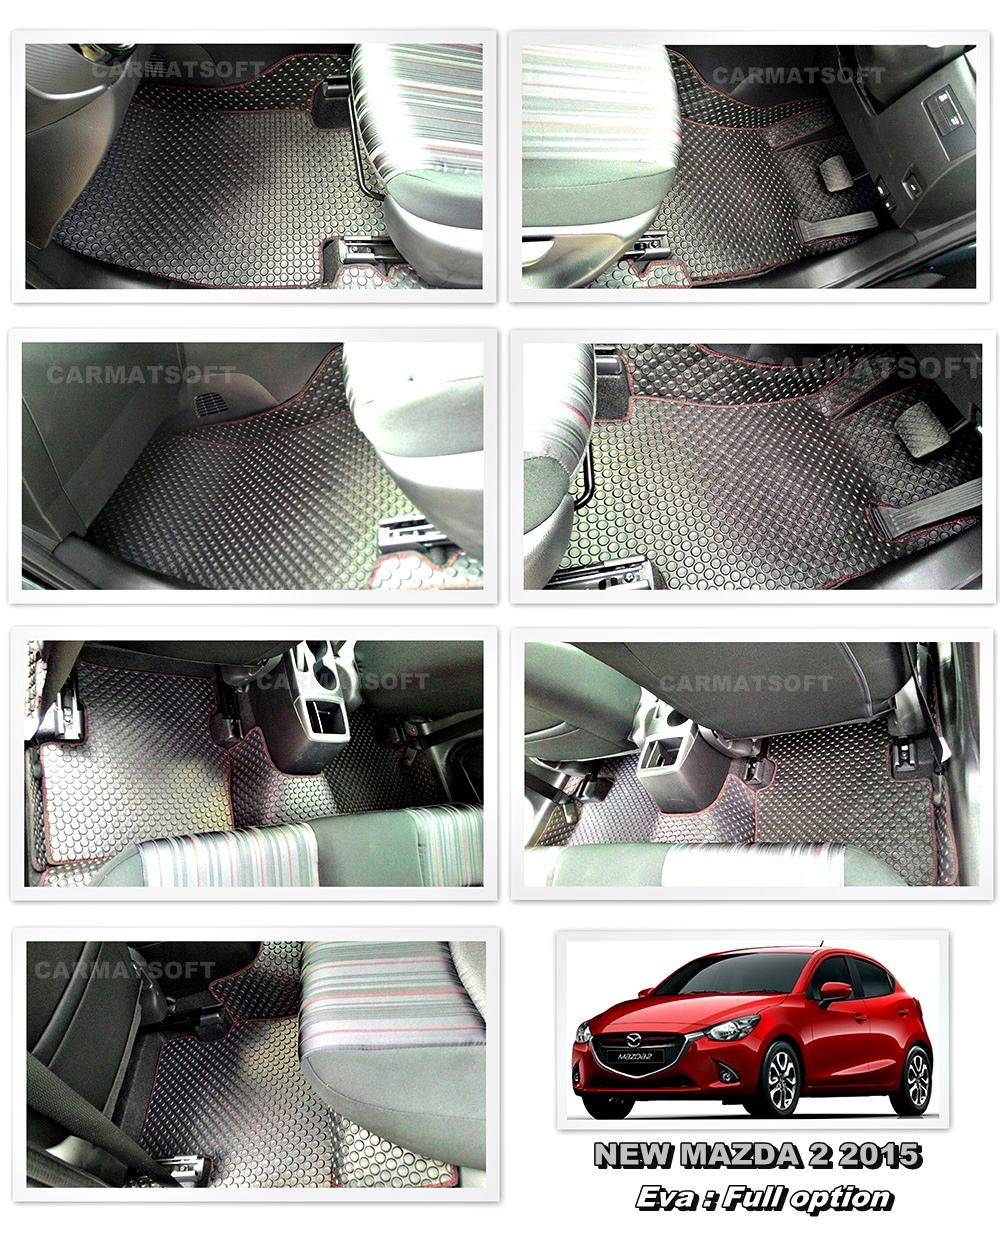 พรมปูพื้นรถยนต์ ALL NEW MAZDA2 ลายกระดุม สีดำด้ายแดง เต็มคัน เข้ารูป100% (พื้นหลังเรียบ+ตีนตุ๊กแก)